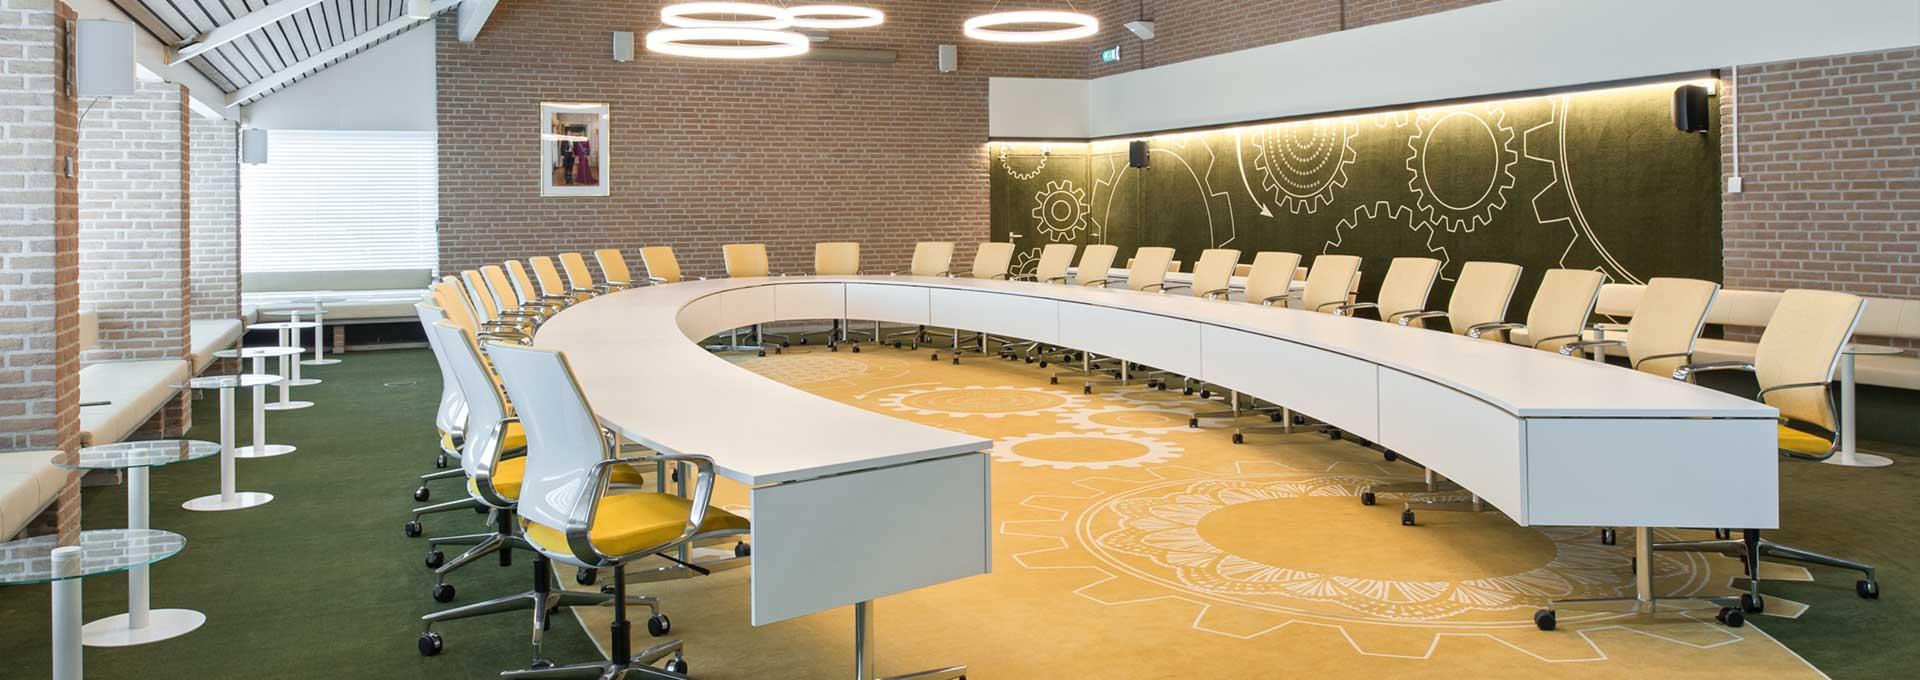 Raadzaal gemeente Duiven in gebouw Bossche school